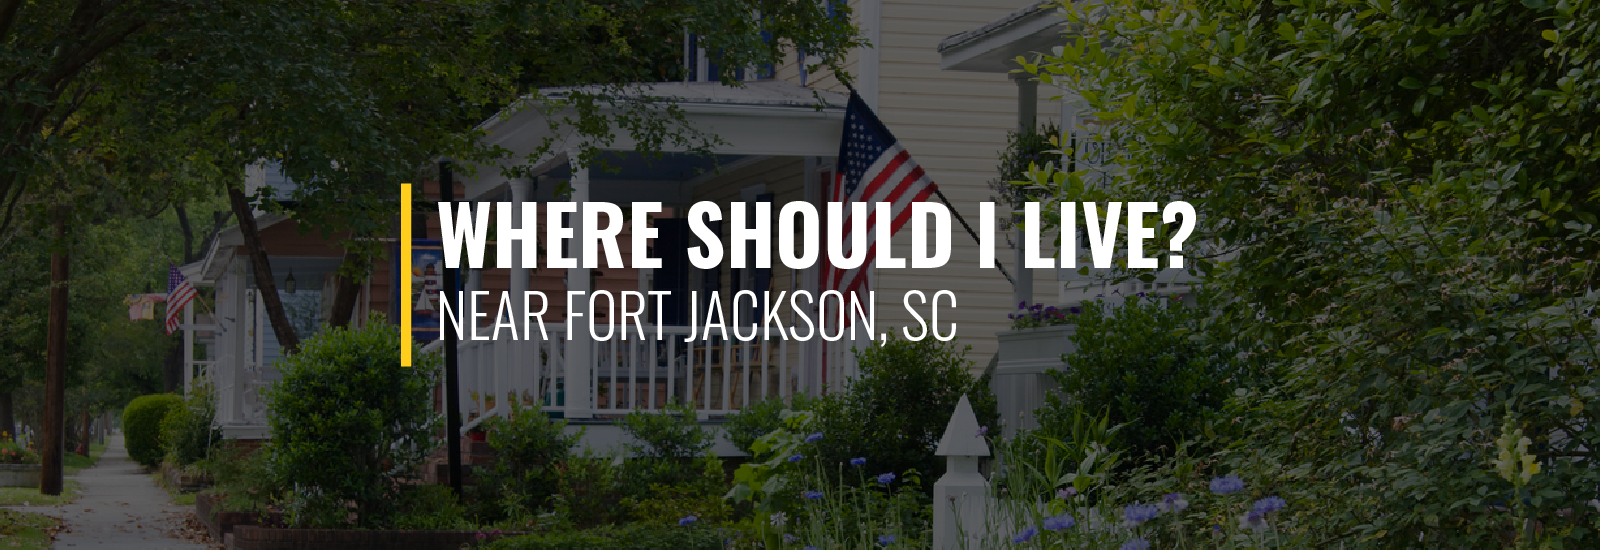 Where Should I Live Near Fort Jackson?